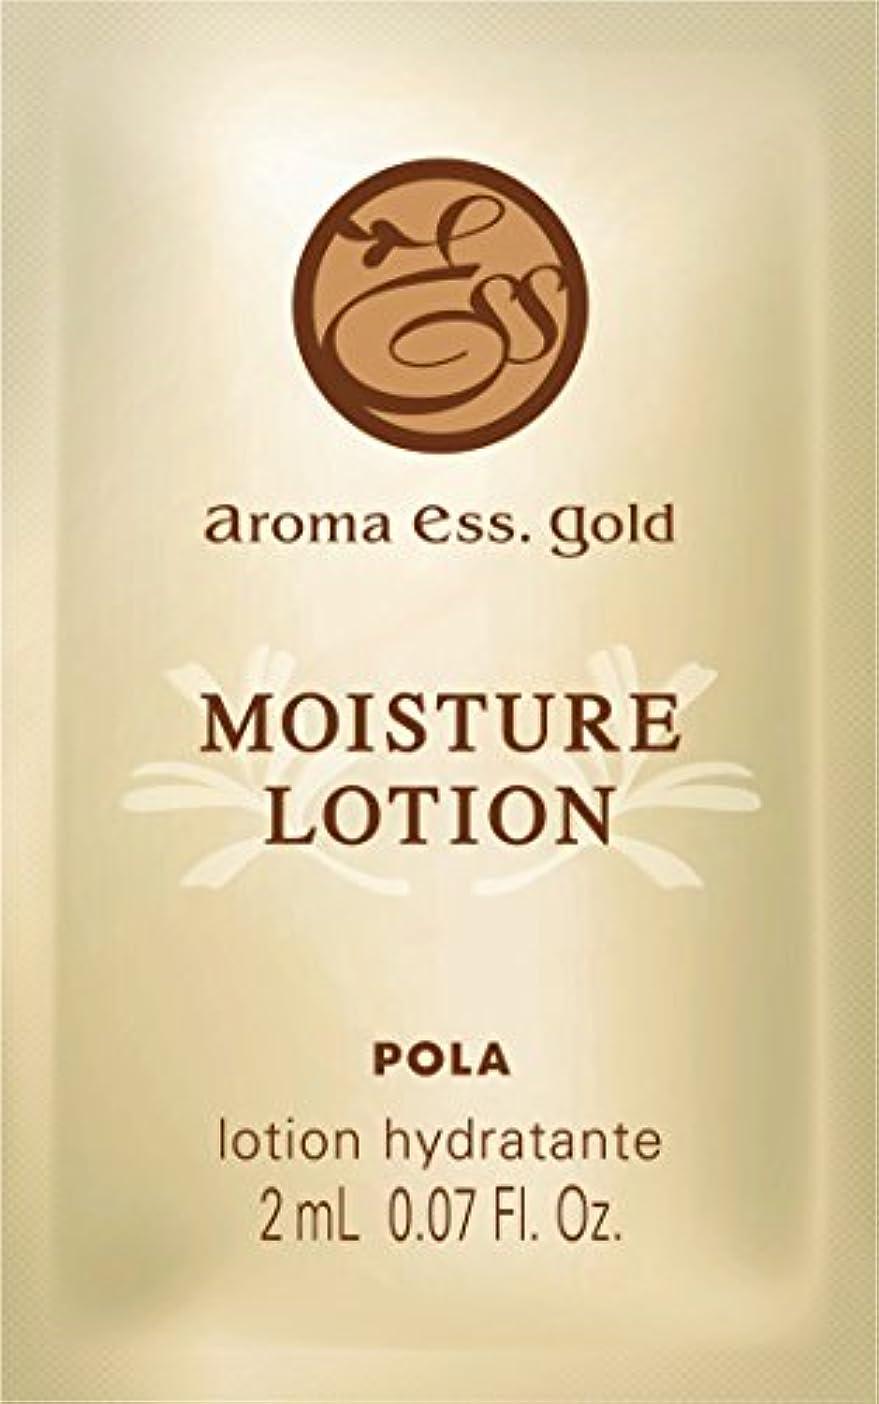 億金貸し反逆者POLA アロマエッセゴールド モイスチャーローション 化粧水 個包装タイプ 2mL×100包